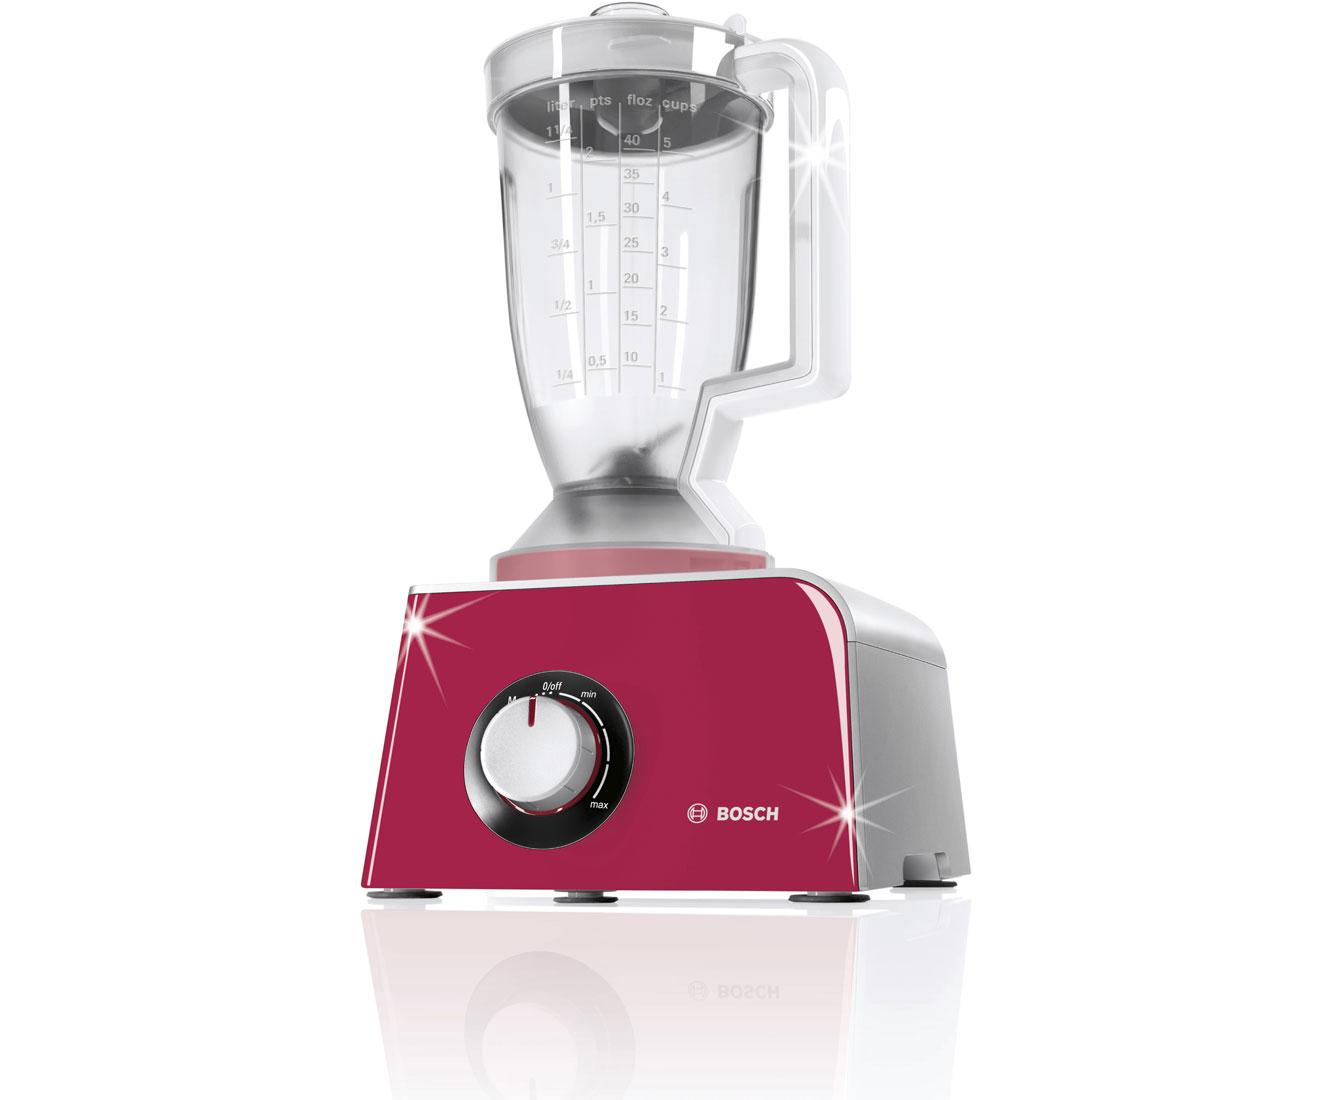 Bosch Mcm42024 Kuchenmaschine Mit Multifunktionsmesser Schneide